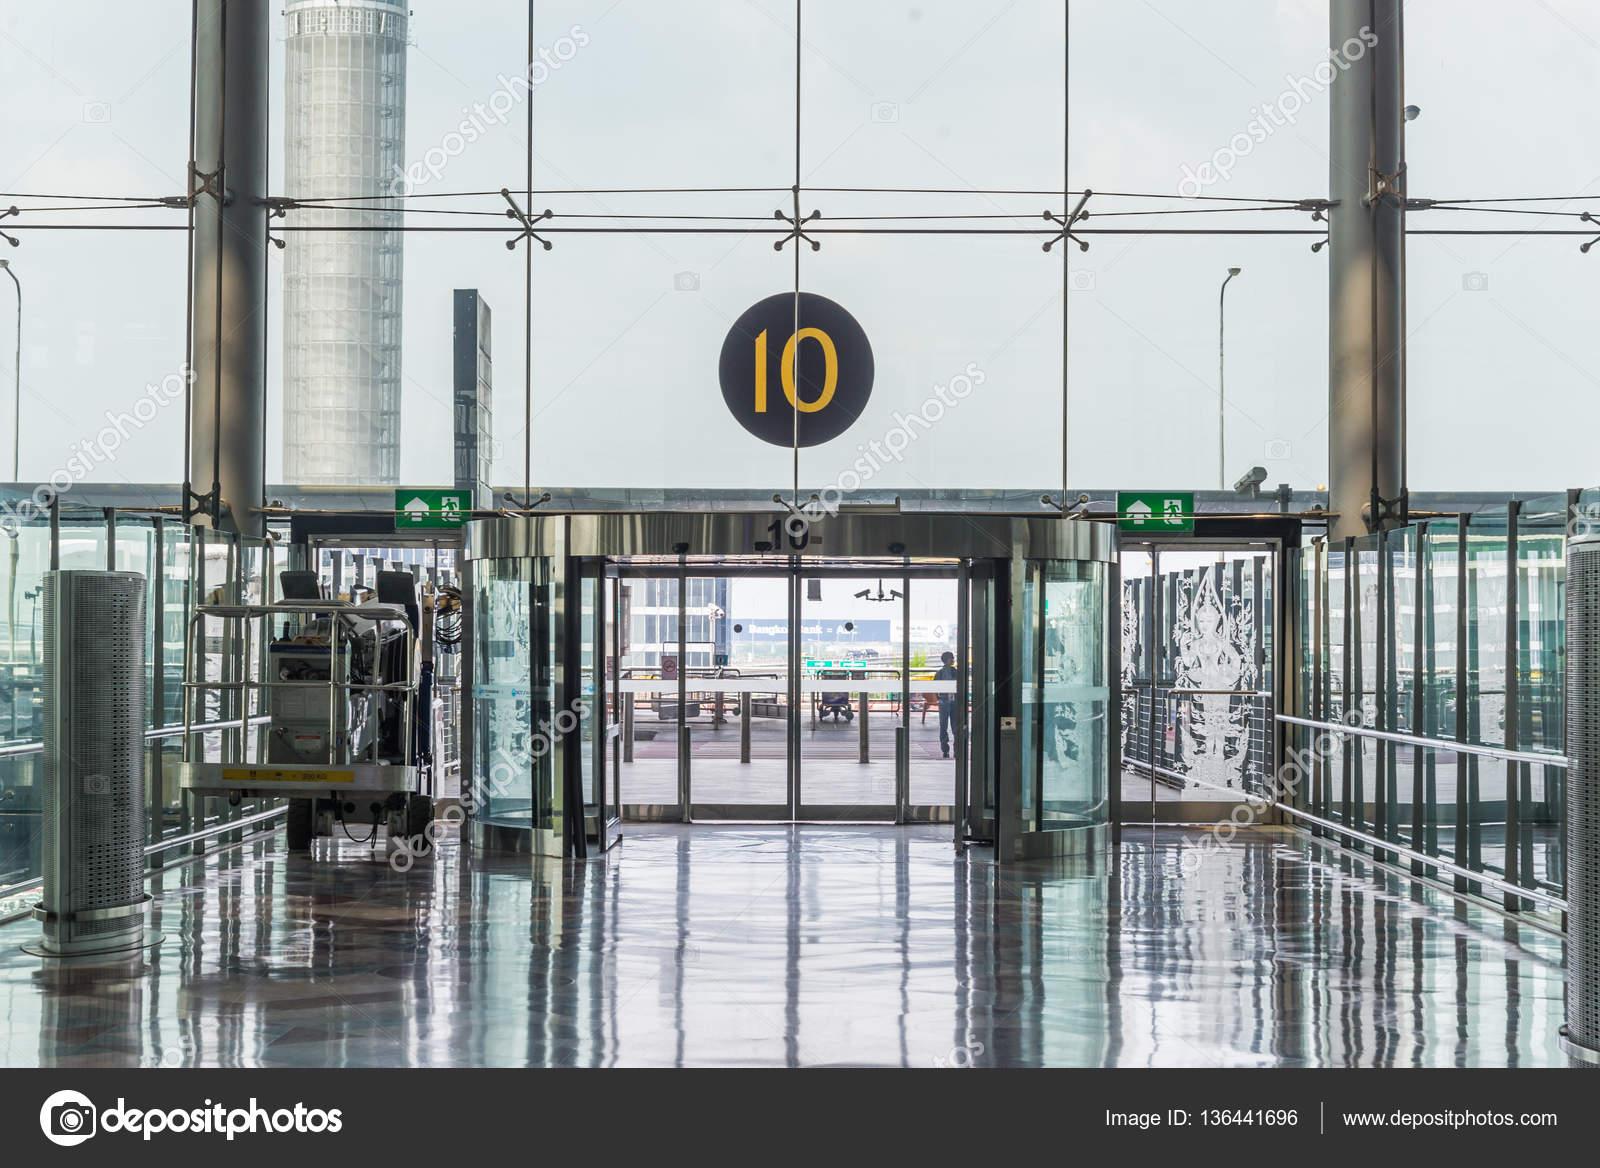 Modernen Flughafen Innen Glas Wand Gang Fenster  Und Türrahmen U2014 Stockfoto